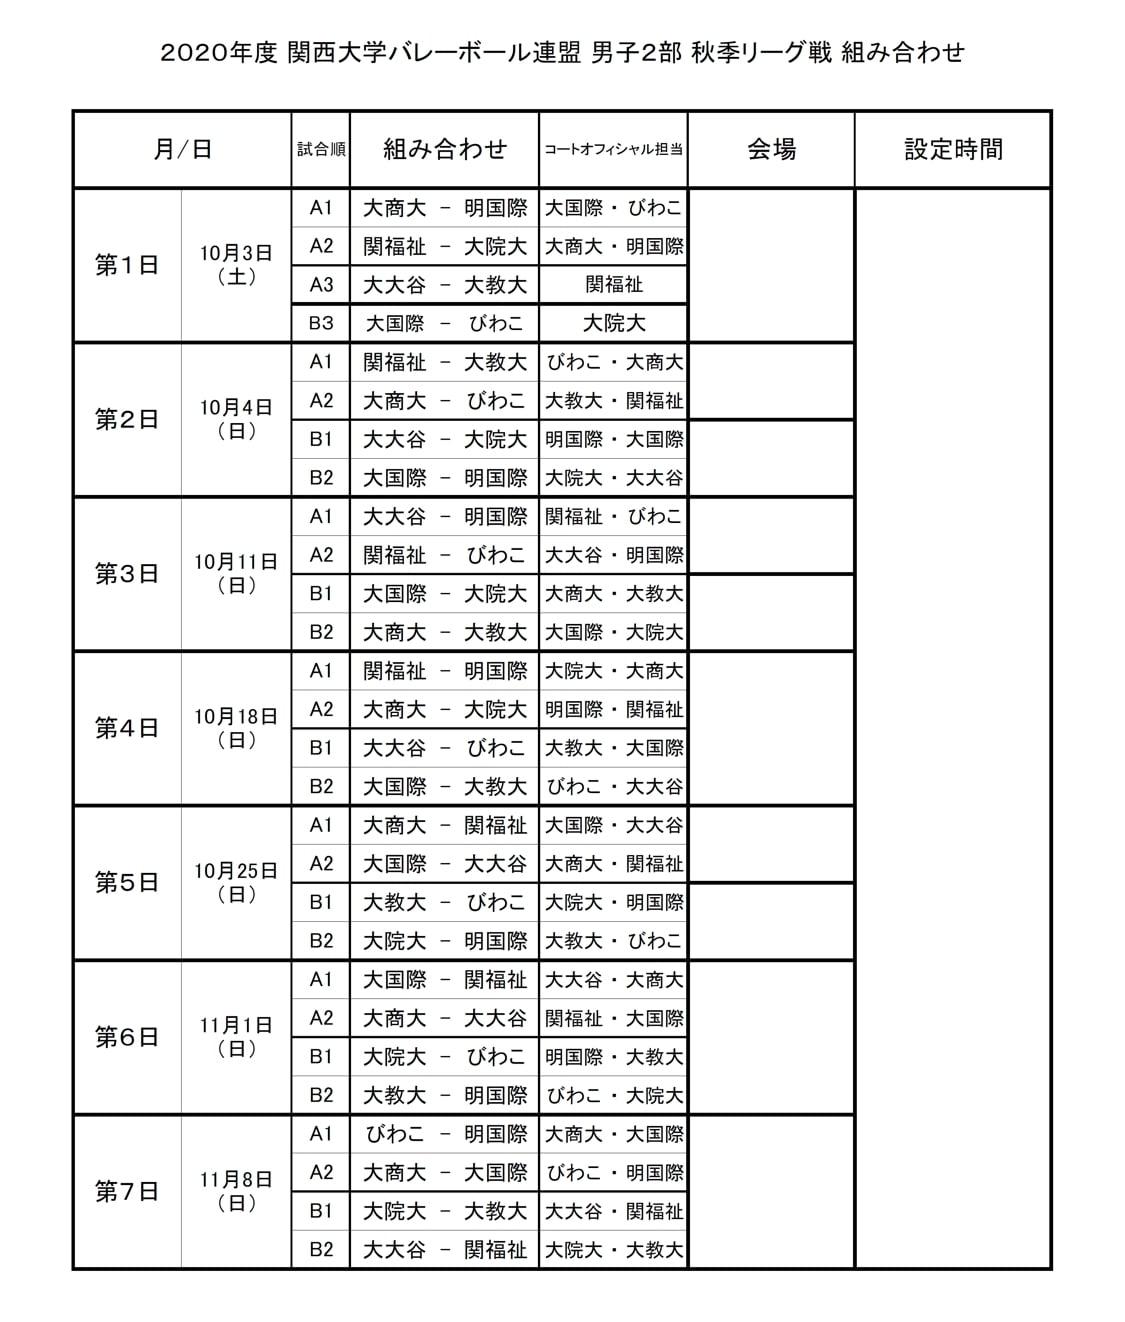 2020年度_関西大学バレーボール_秋季リーグ_男子2部_組合せ